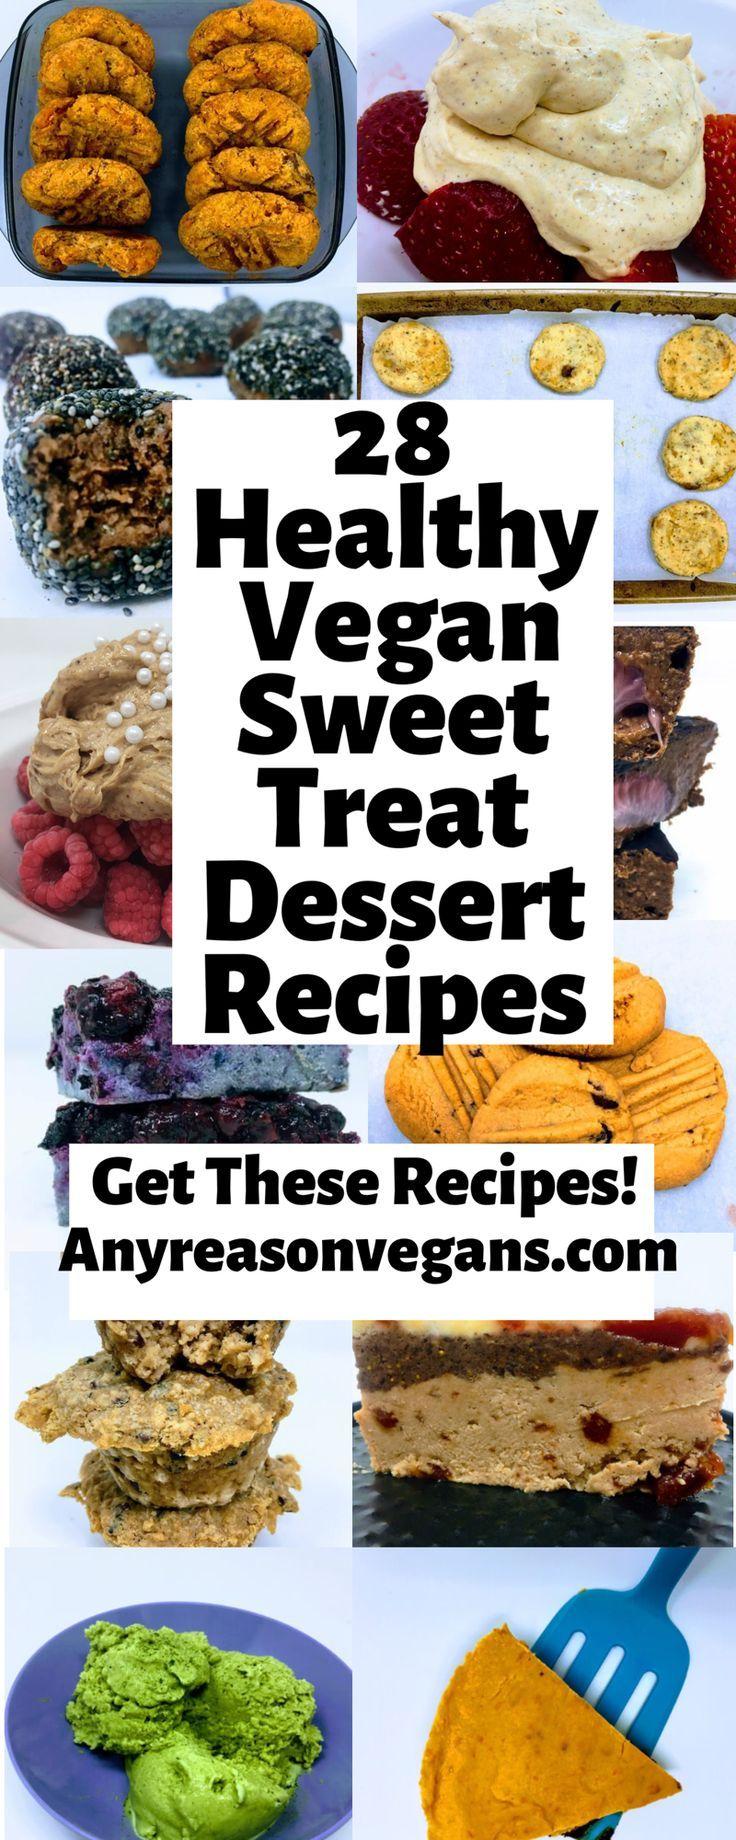 28 Healthy Vegan Dessert Recipes Healthy Low Sugar And Easy Vegan Desserts Vega Vegan Dessert Recipes Healthy Healthy Vegan Desserts Vegan Dessert Recipes